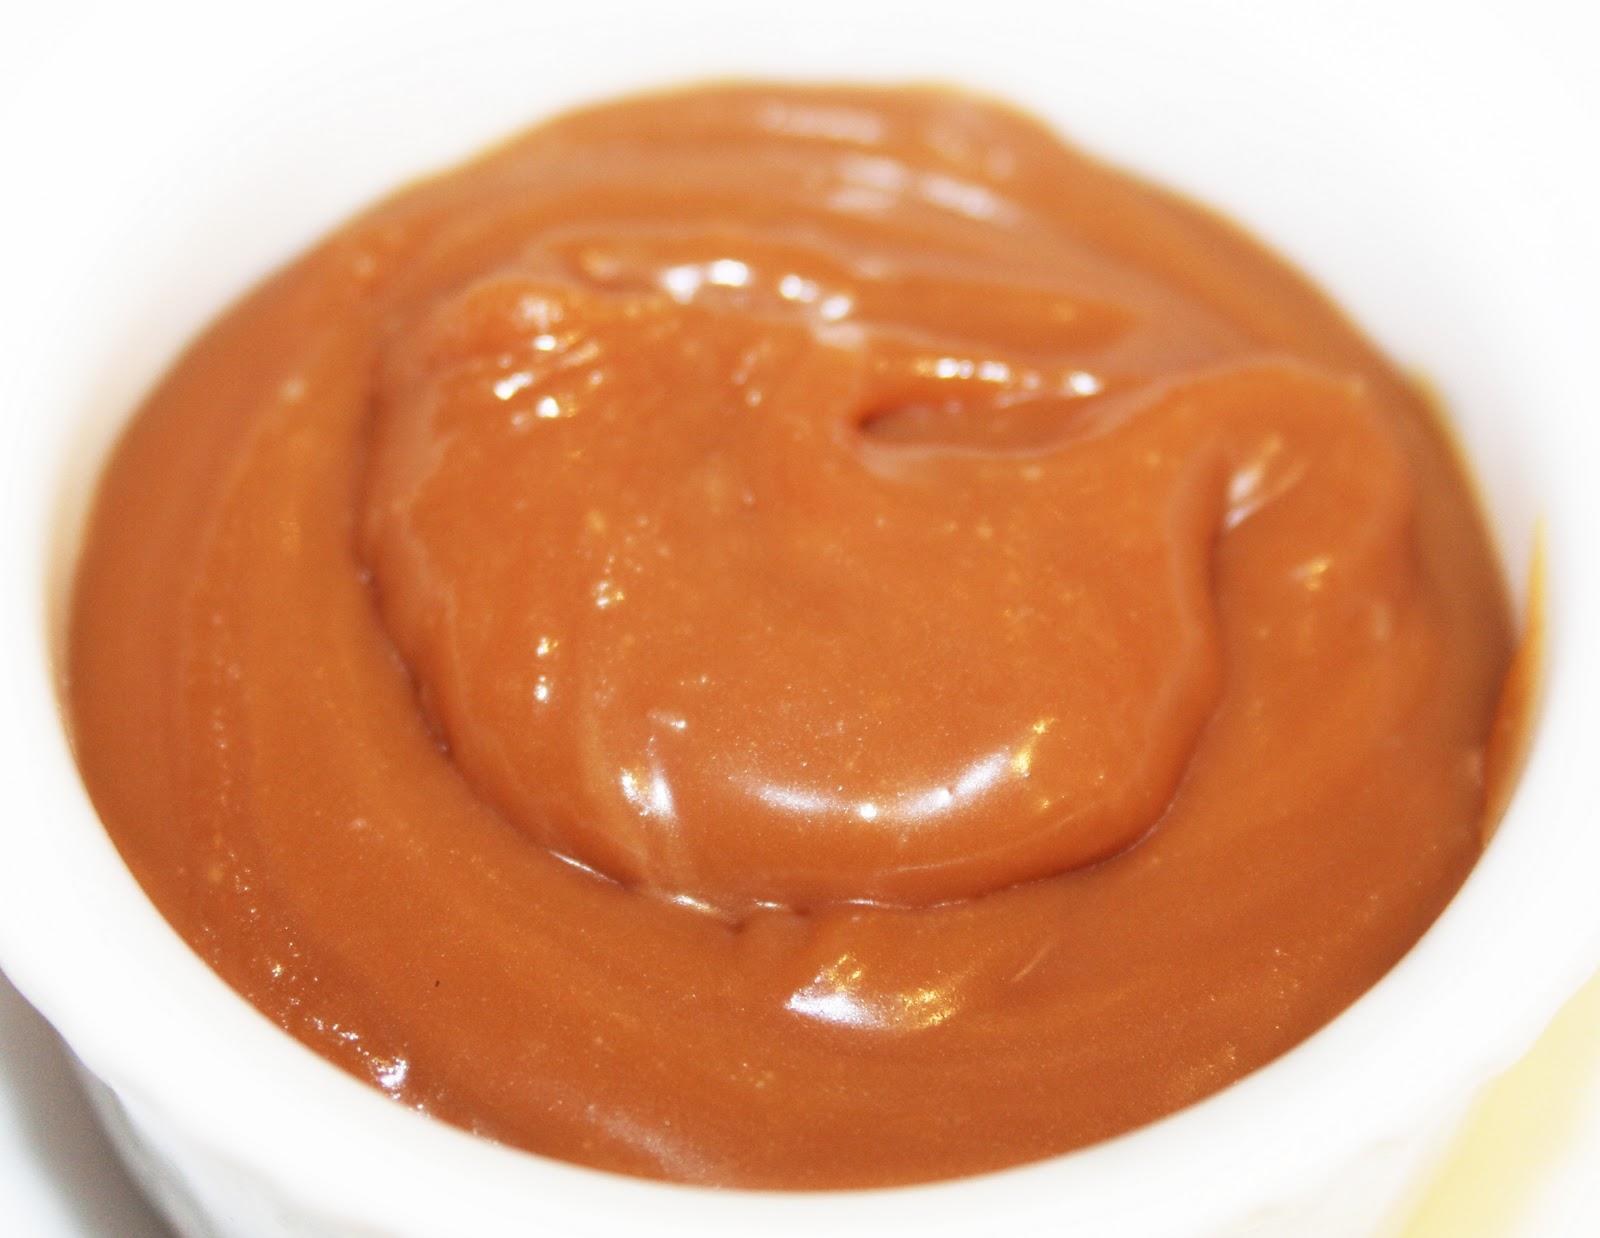 La cuisine de bernard sauce au caramel au beurre sal - Recette caramel beurre sale breton ...